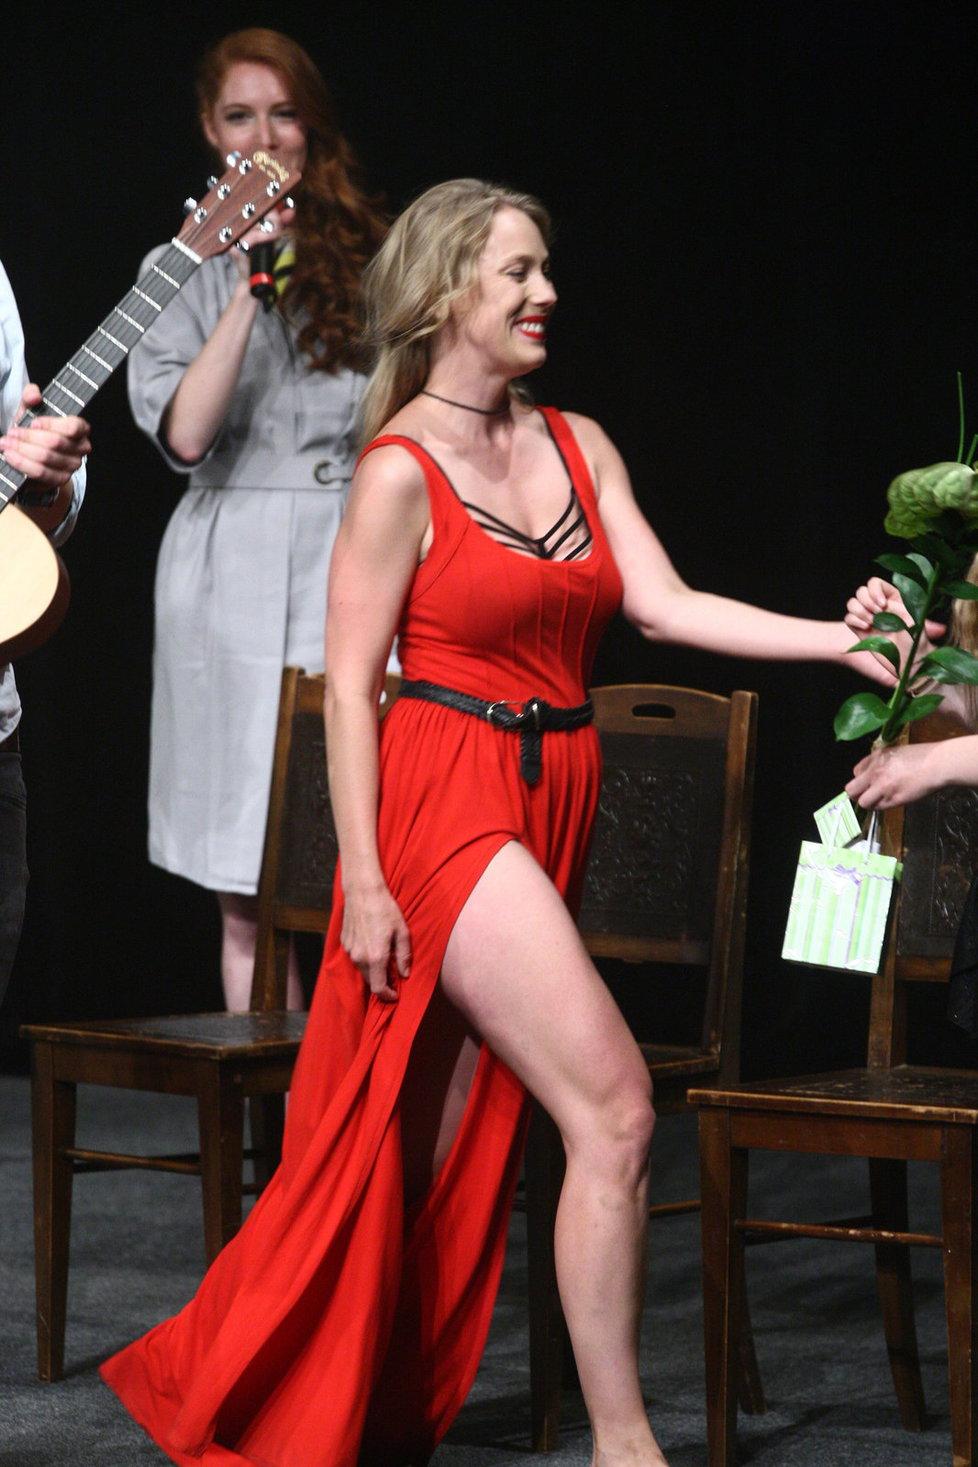 Aneta odhalila nejen nohy, ale nechala nakouknout i pod šaty.